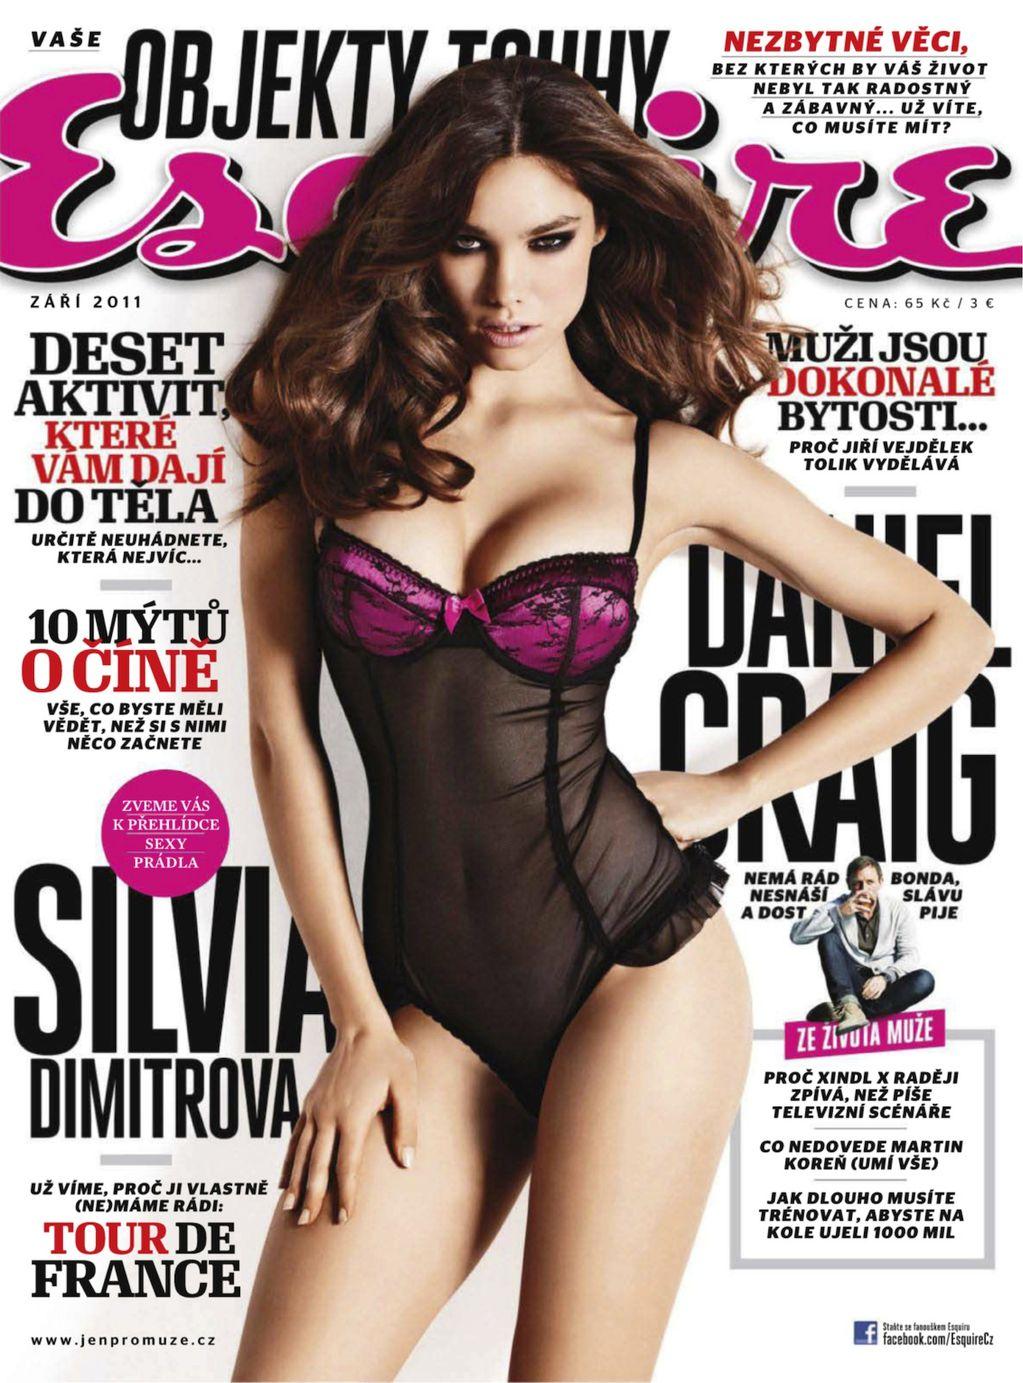 Mia khalifa sex image naked boobs fucking nangi photos